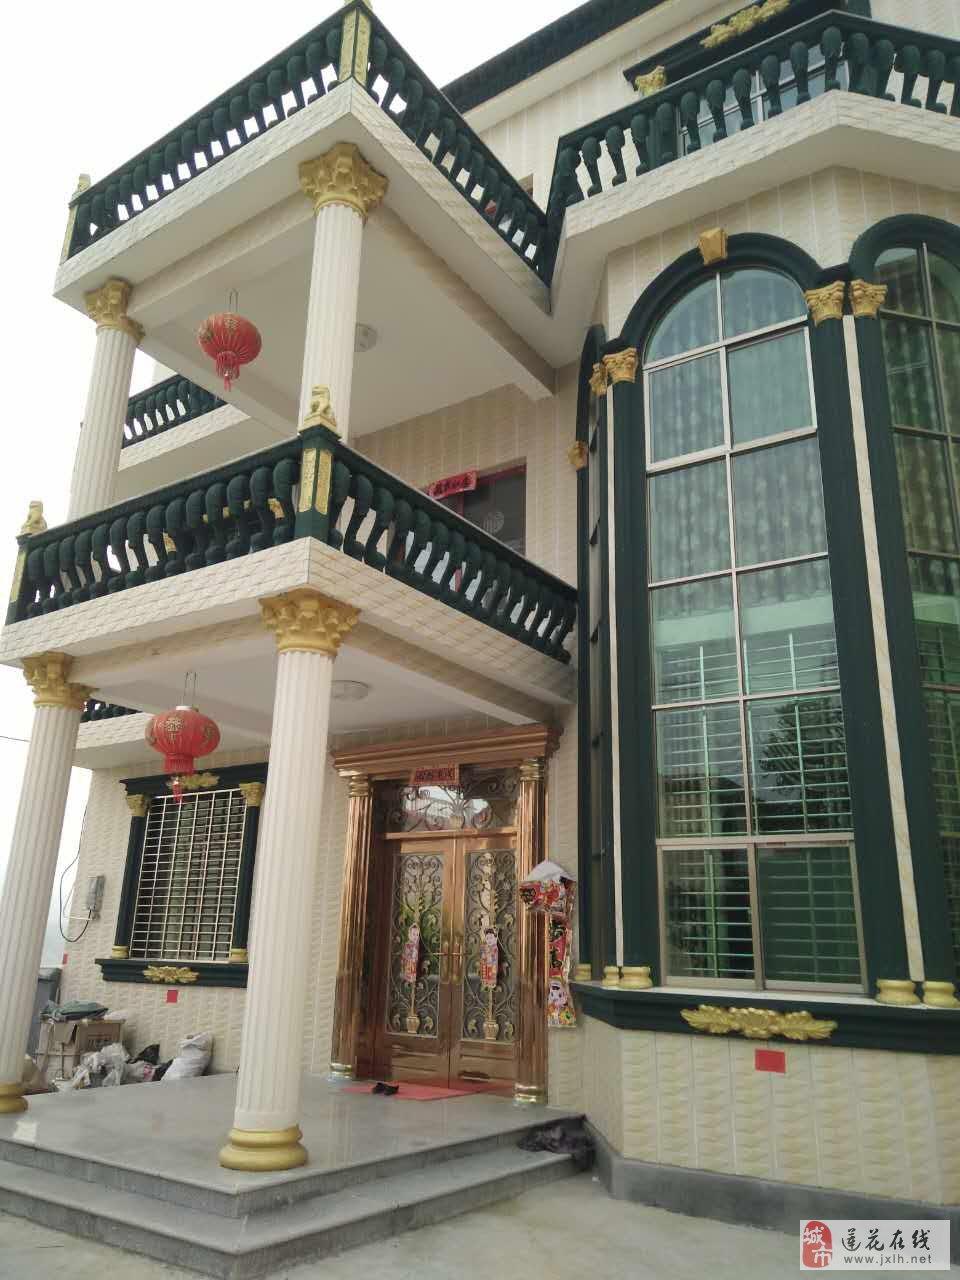 吊顶,打柜,石膏线条,外墙喷漆,刮墙等室内外装修